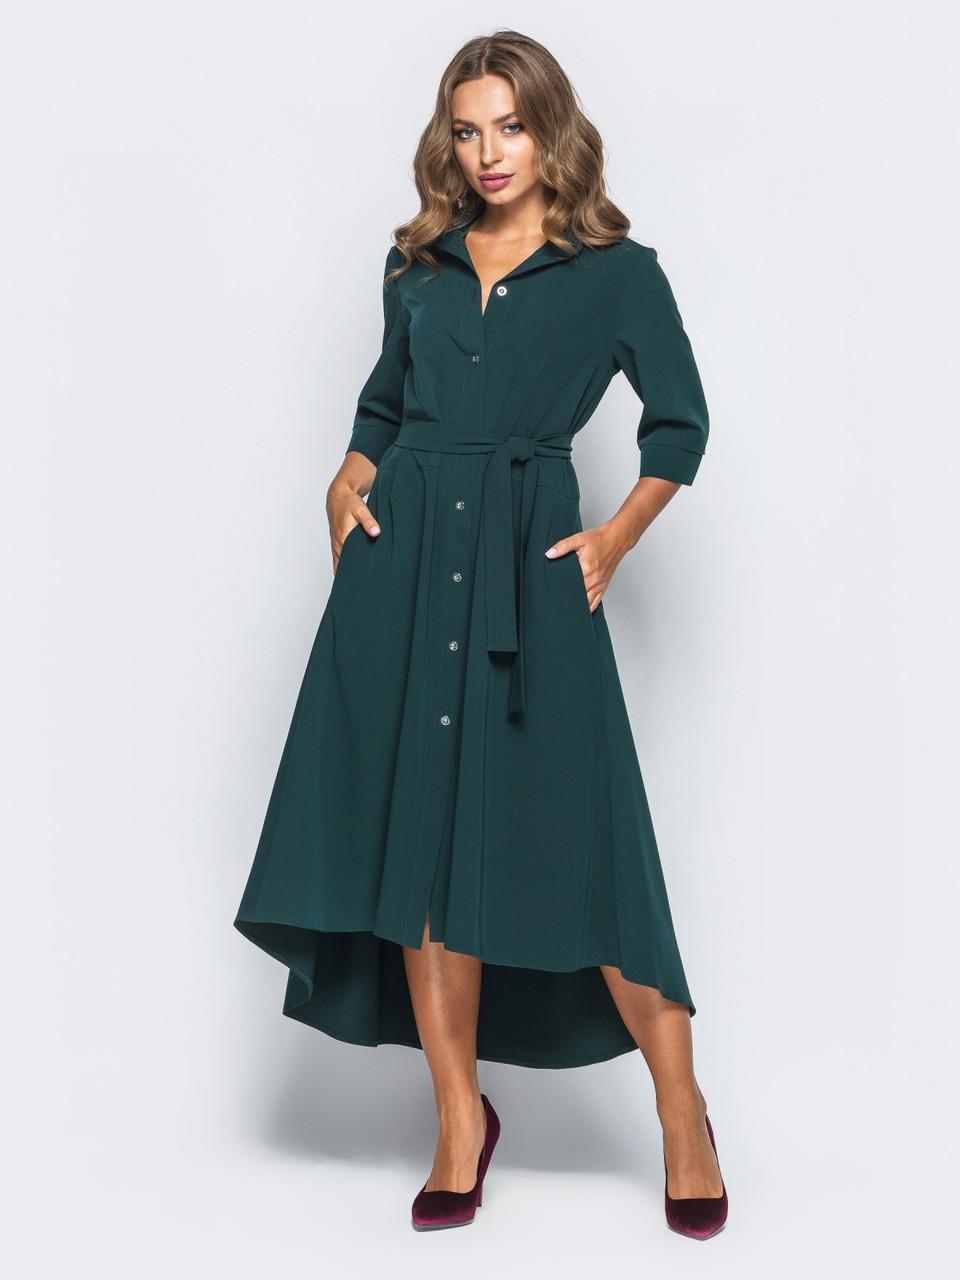 7dcd6edd287 👶Зеленое платье-рубашка с поясом   Размер 42-44